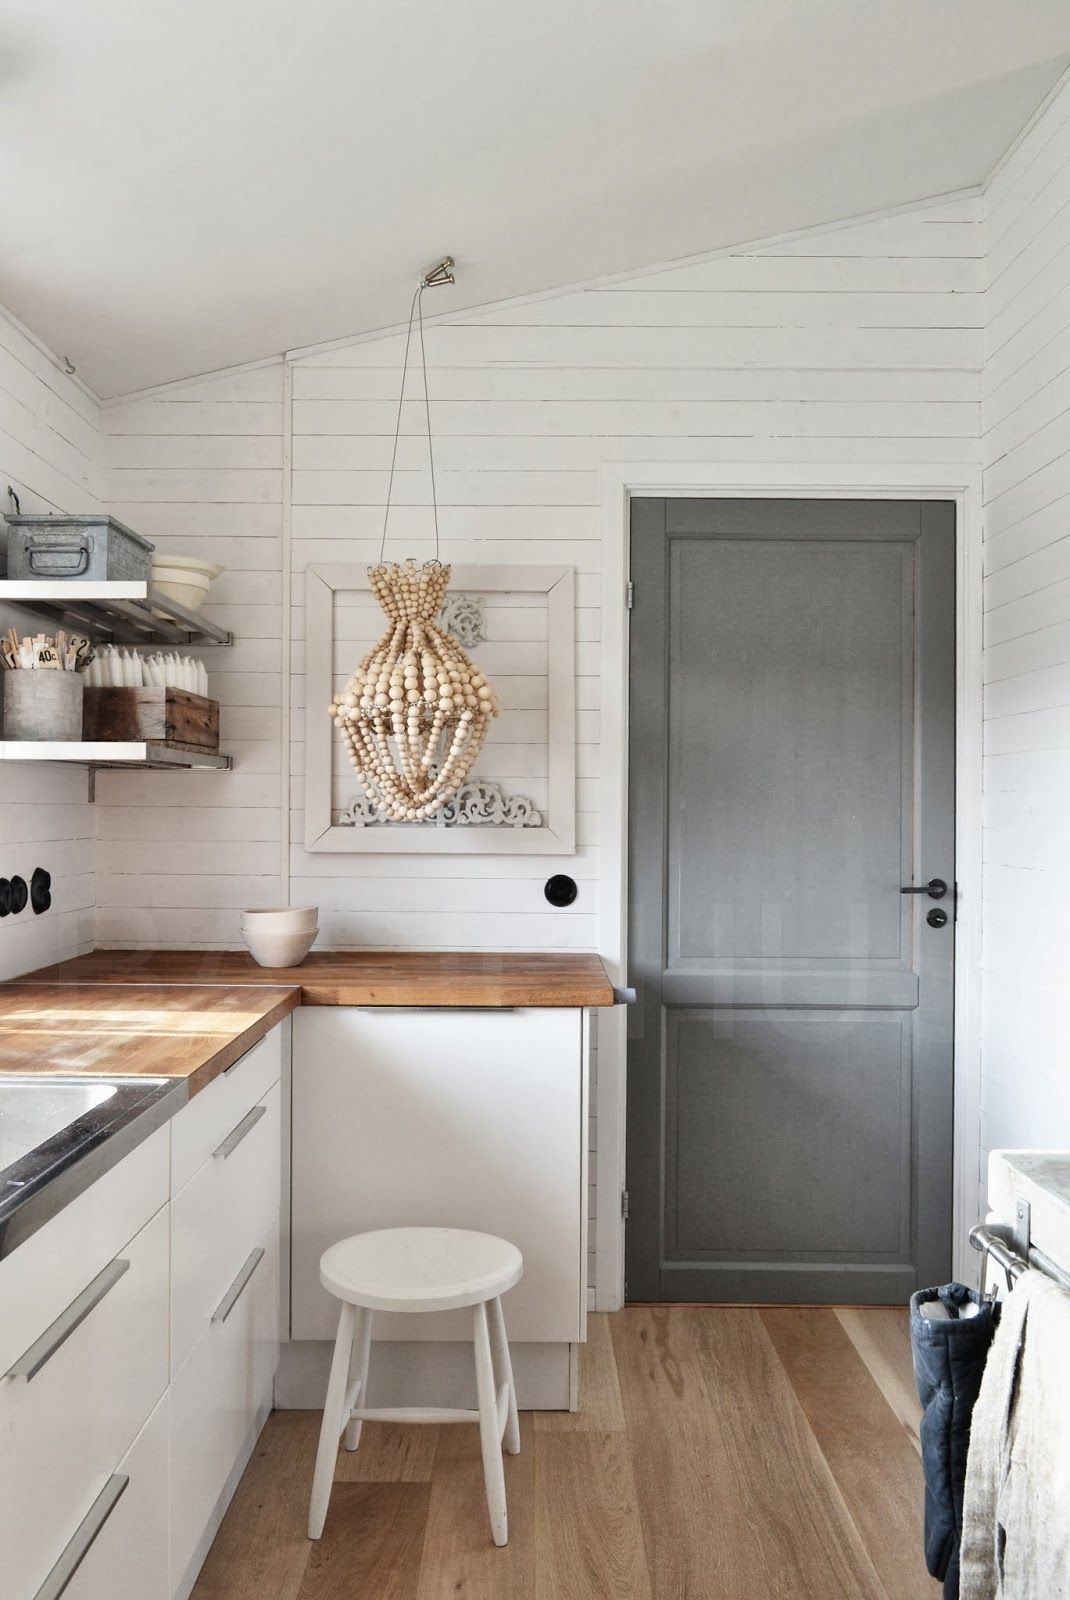 Petite cuisine avec meubles blancs laqués et plan de travail en